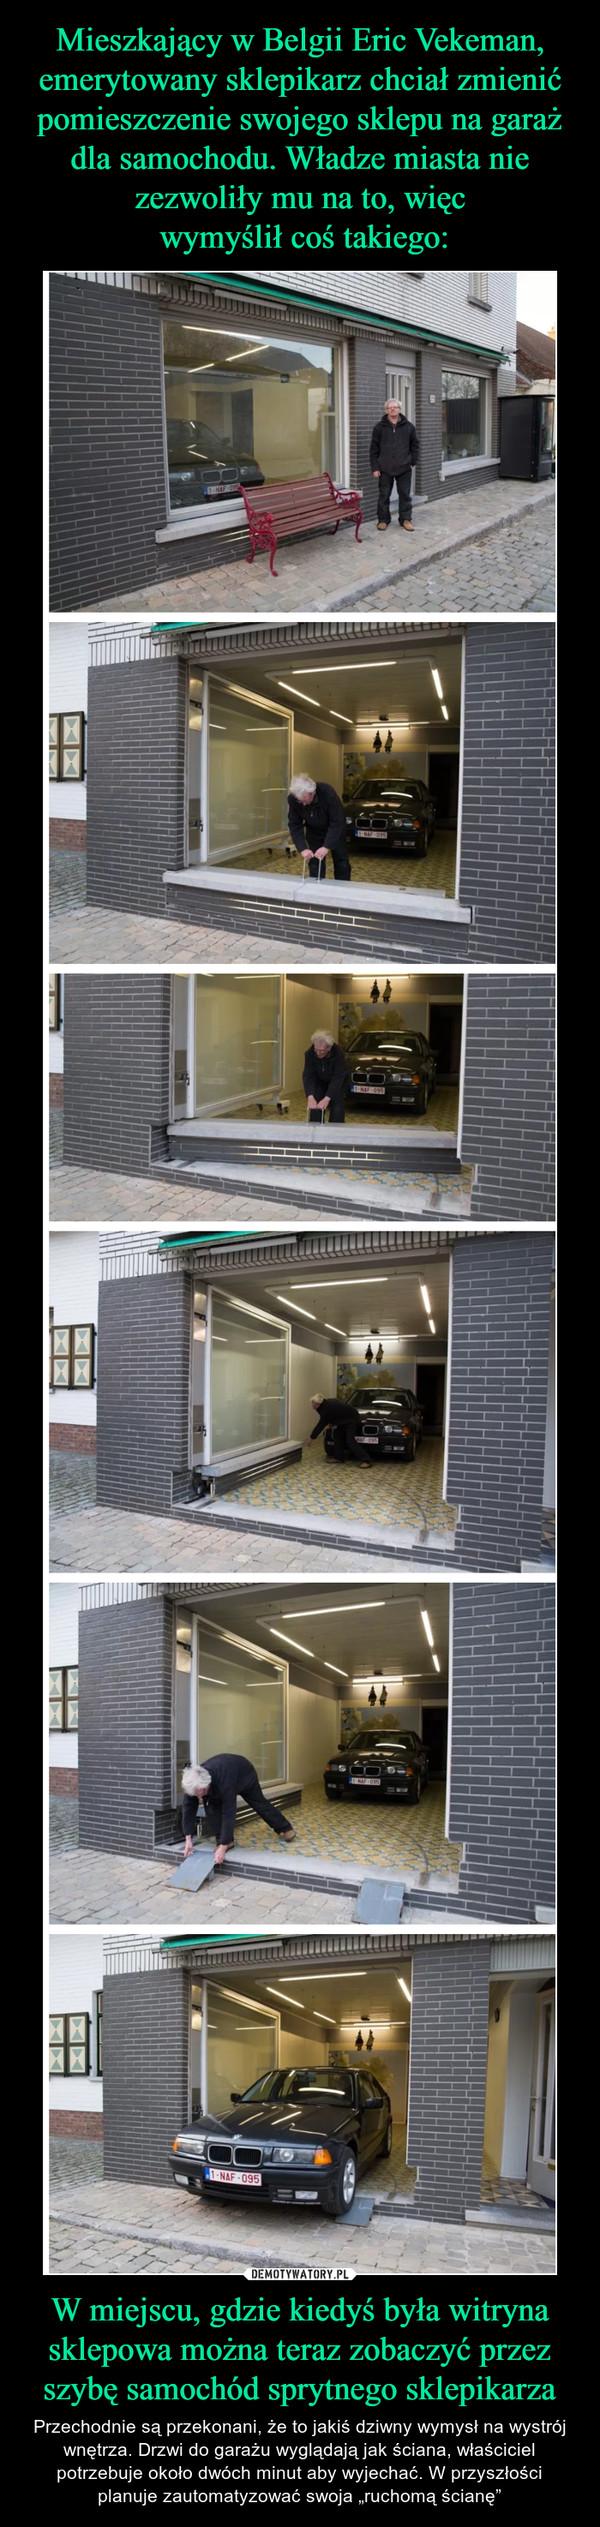 """W miejscu, gdzie kiedyś była witryna sklepowa można teraz zobaczyć przez szybę samochód sprytnego sklepikarza – Przechodnie są przekonani, że to jakiś dziwny wymysł na wystrój wnętrza. Drzwi do garażu wyglądają jak ściana, właściciel potrzebuje około dwóch minut aby wyjechać. W przyszłości planuje zautomatyzować swoja """"ruchomą ścianę"""""""